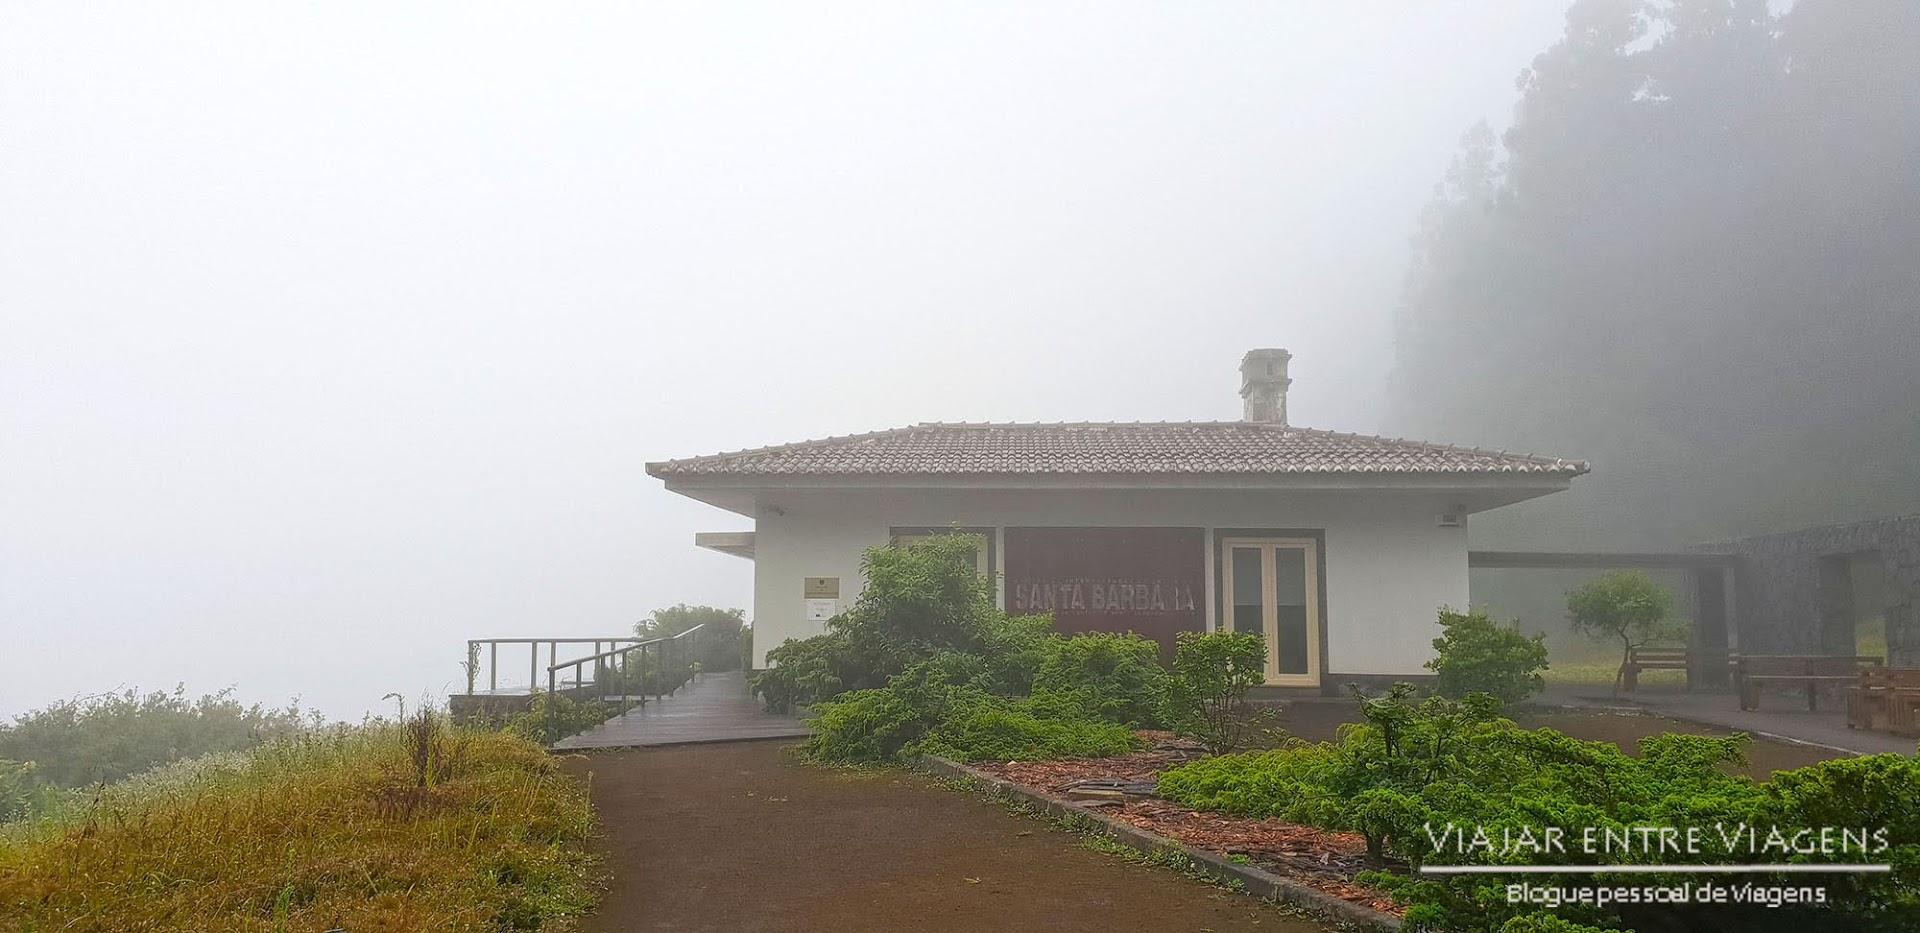 Visitar o Centro de Interpretação da Serra de Santa Bárbara, na ilha Terceira